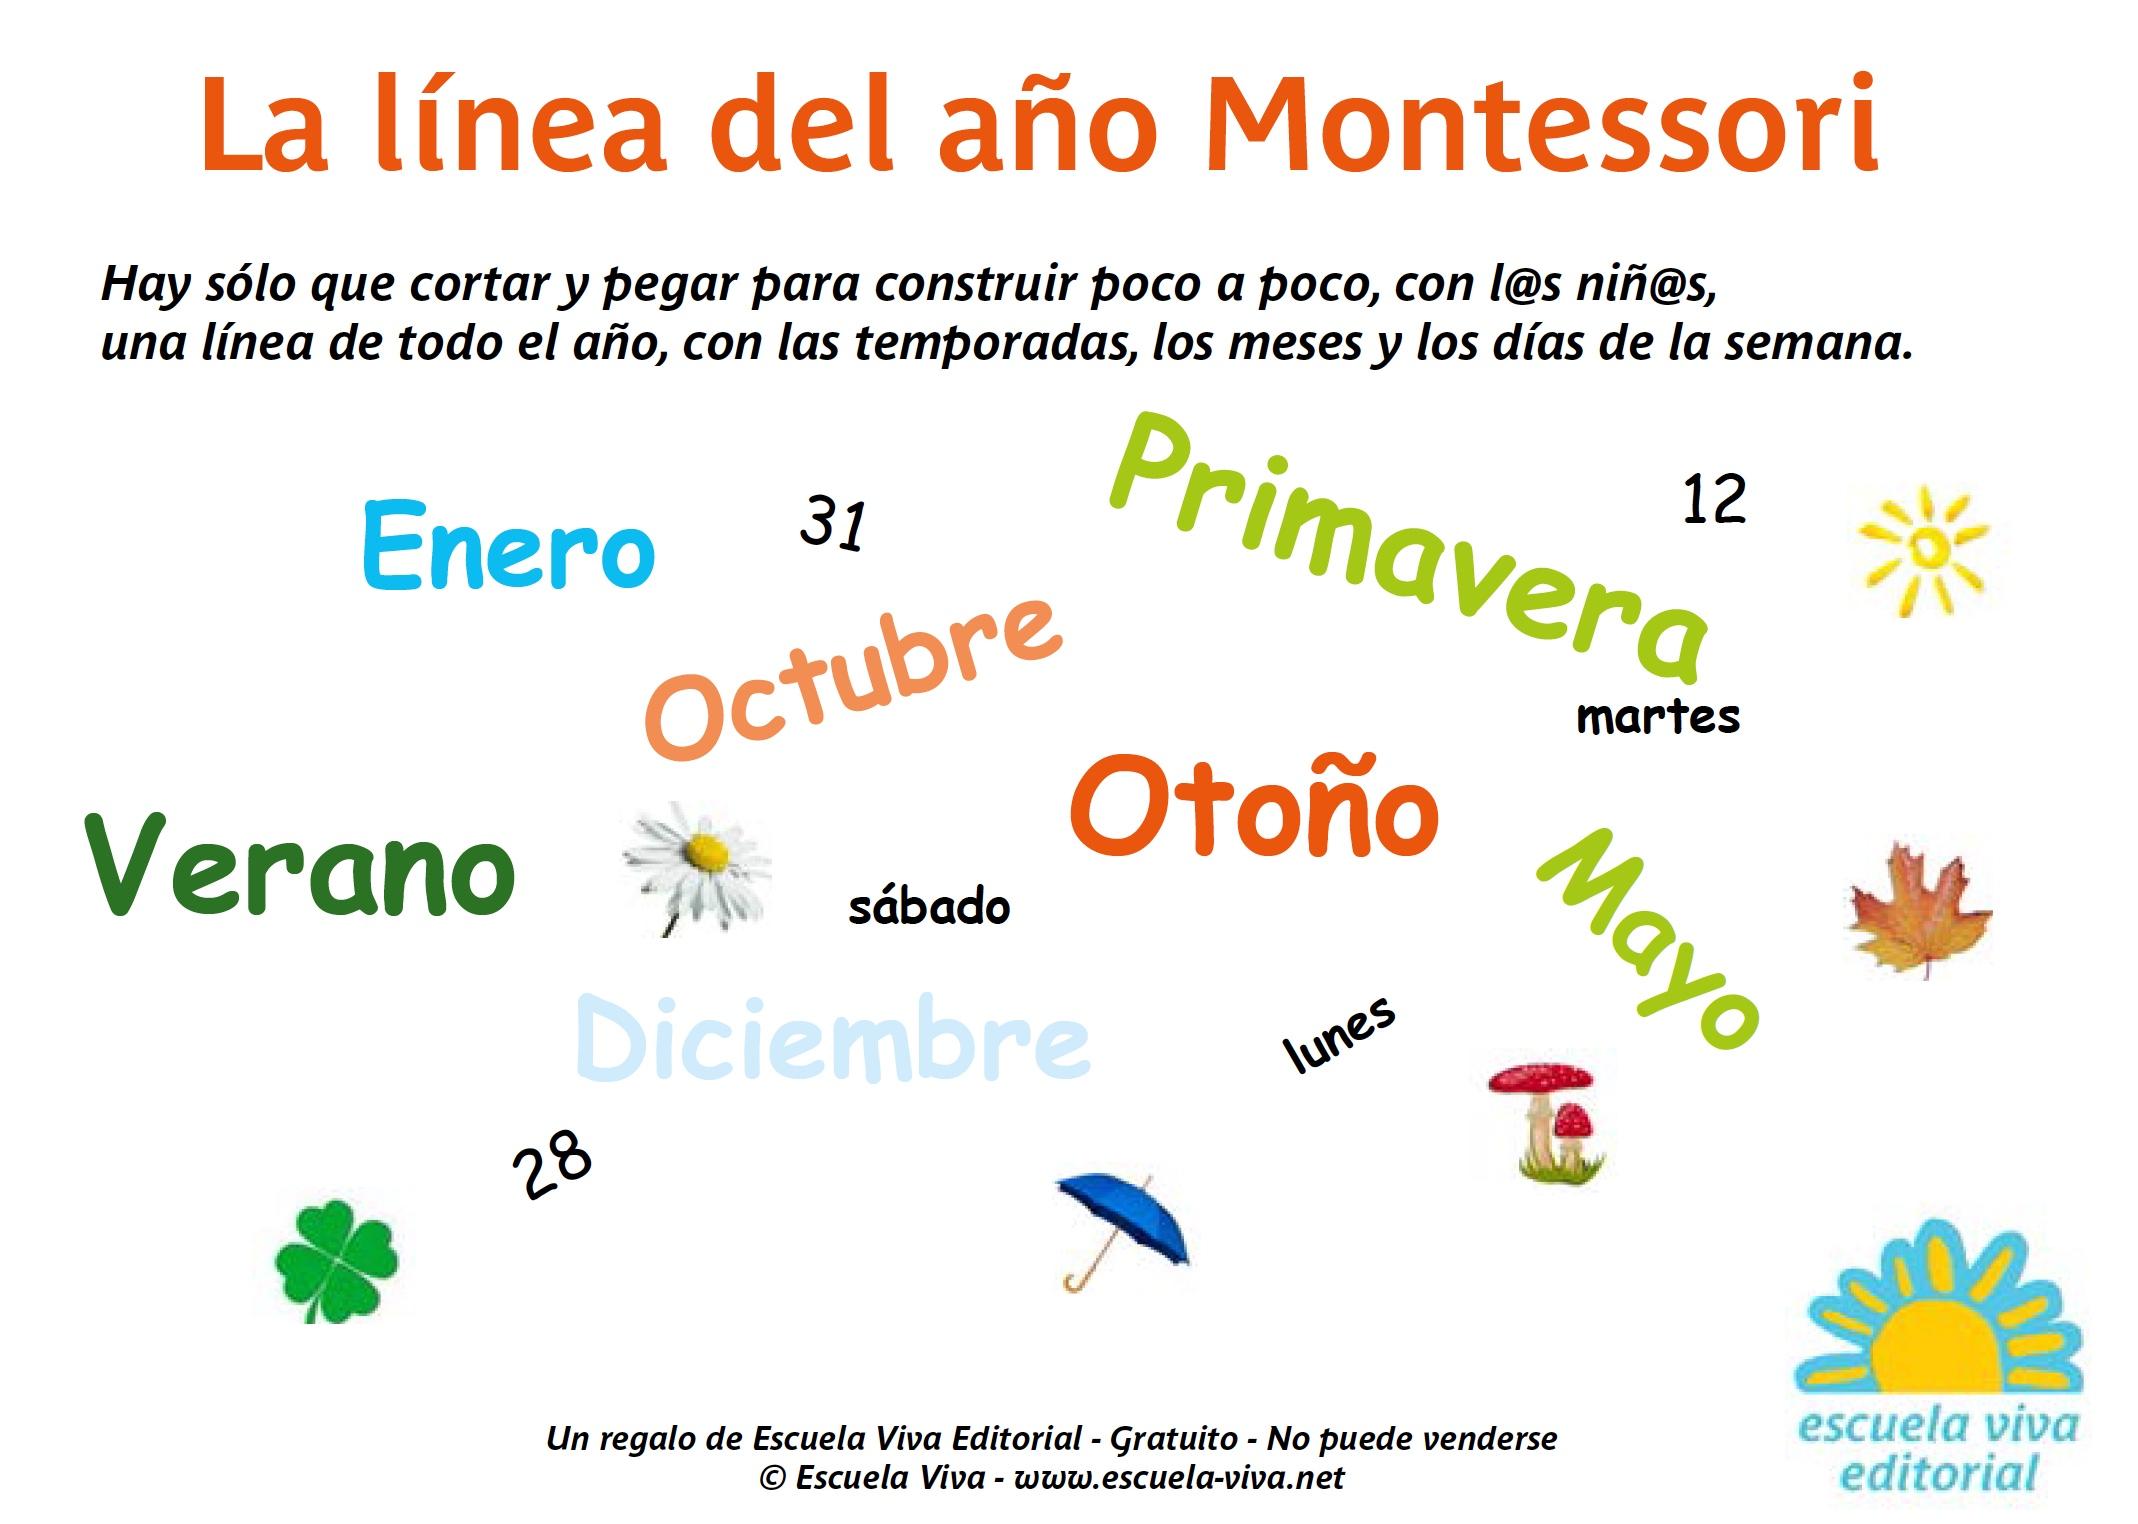 La línea del año Montessori